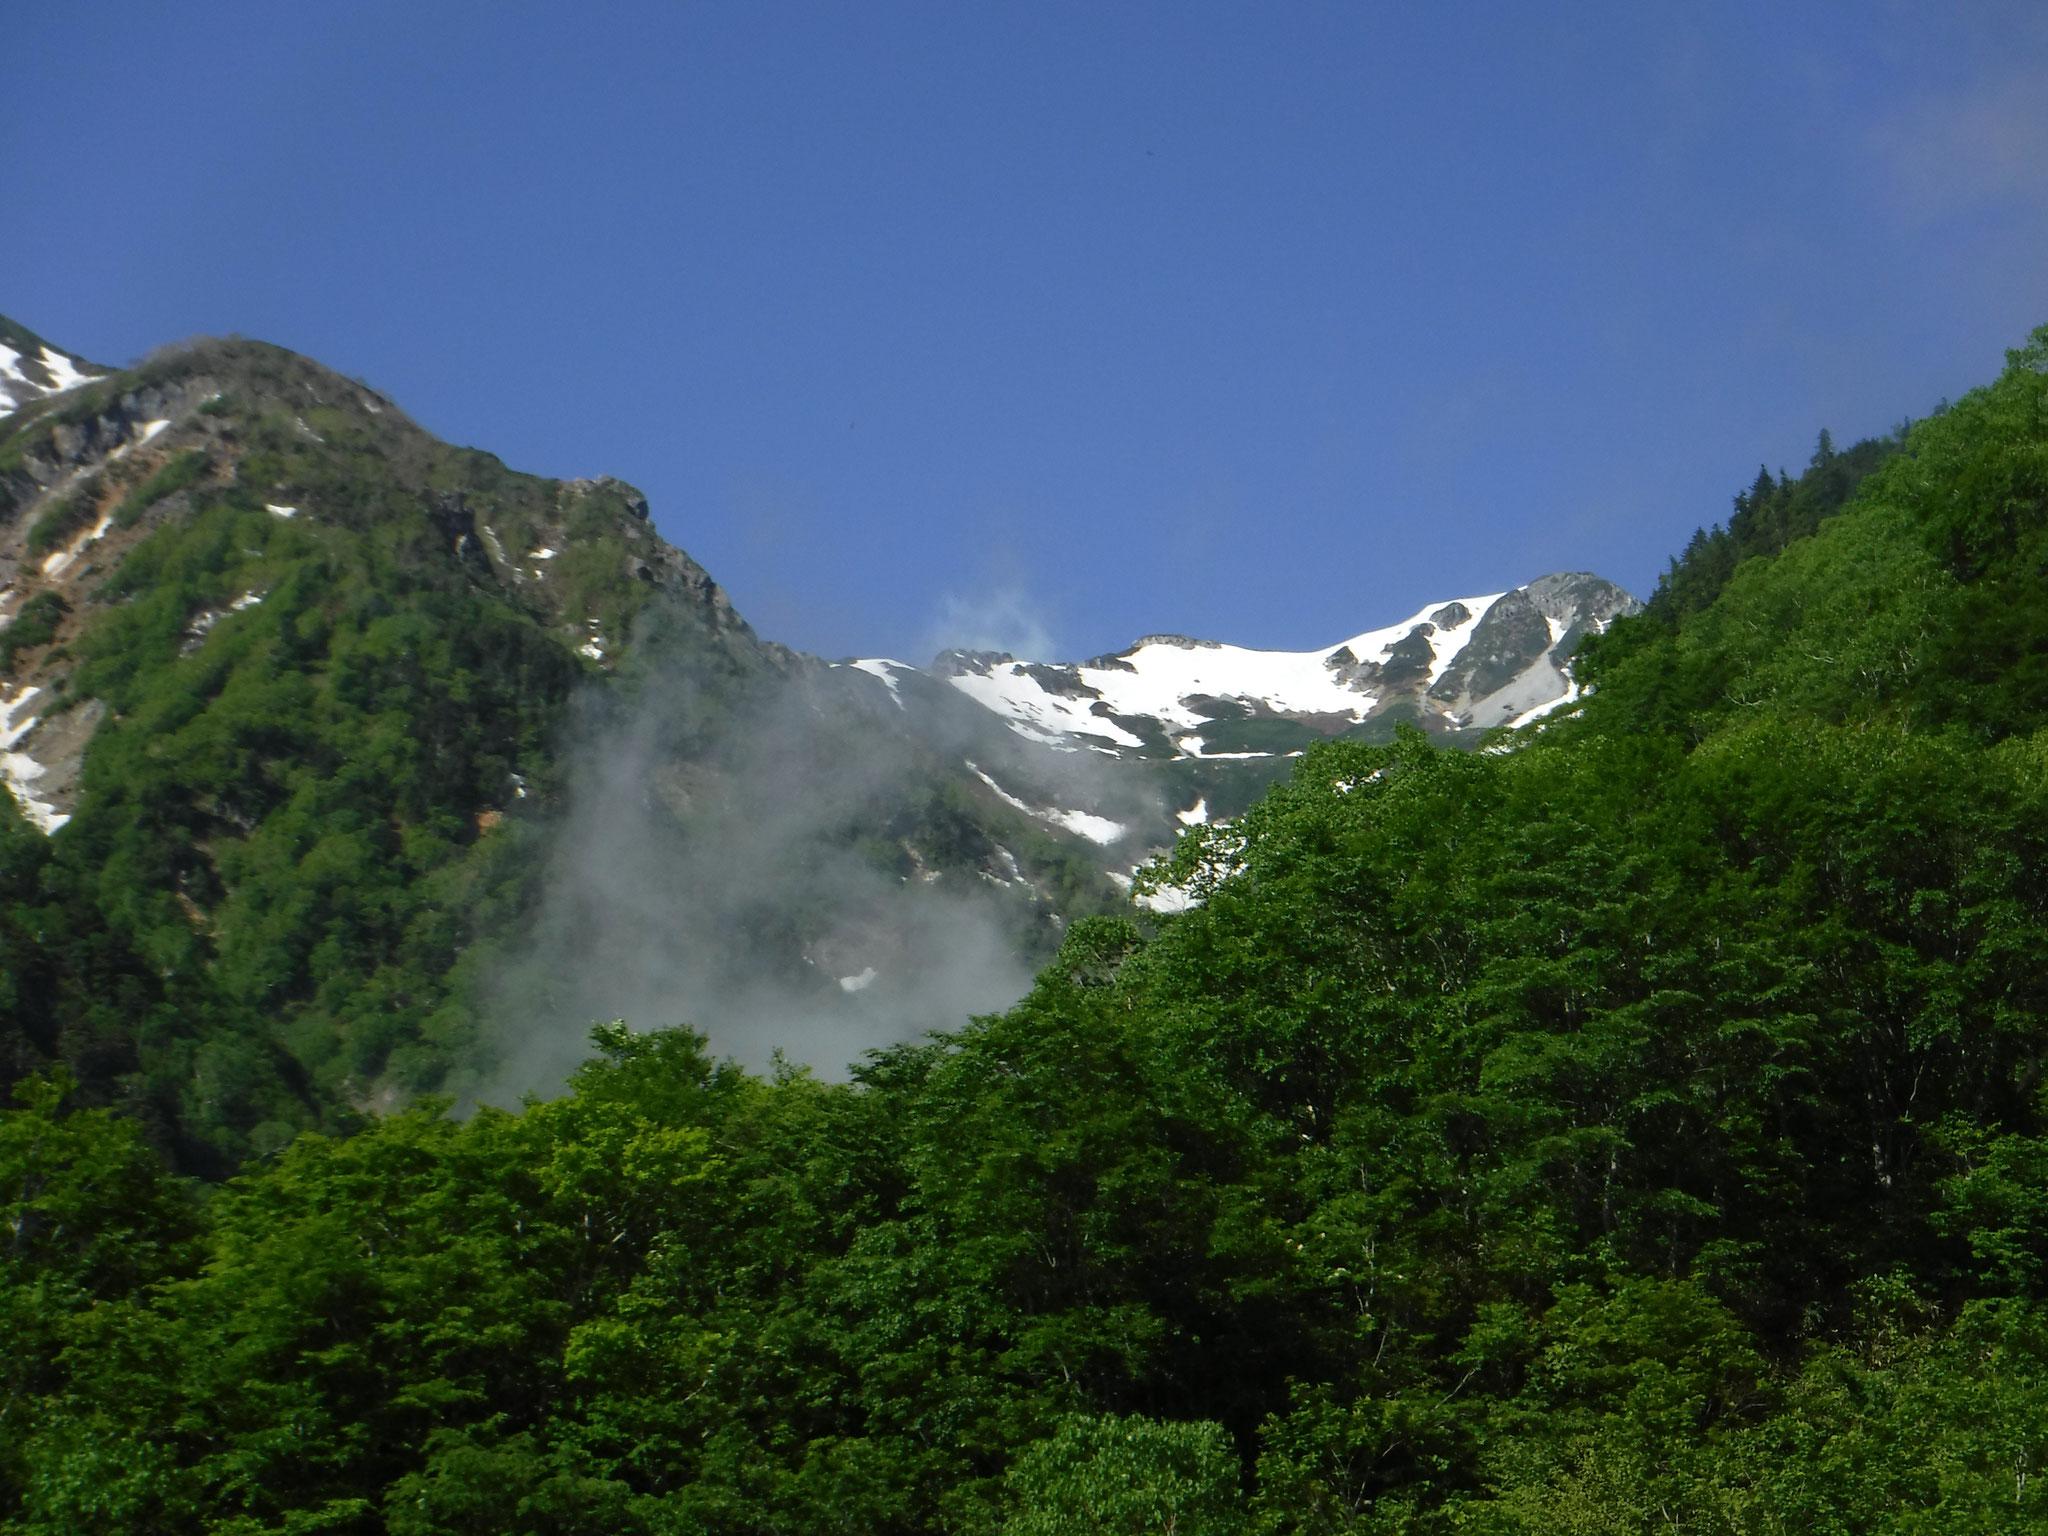 針ノ木岳、峠からは中央の雪渓をトラバースする